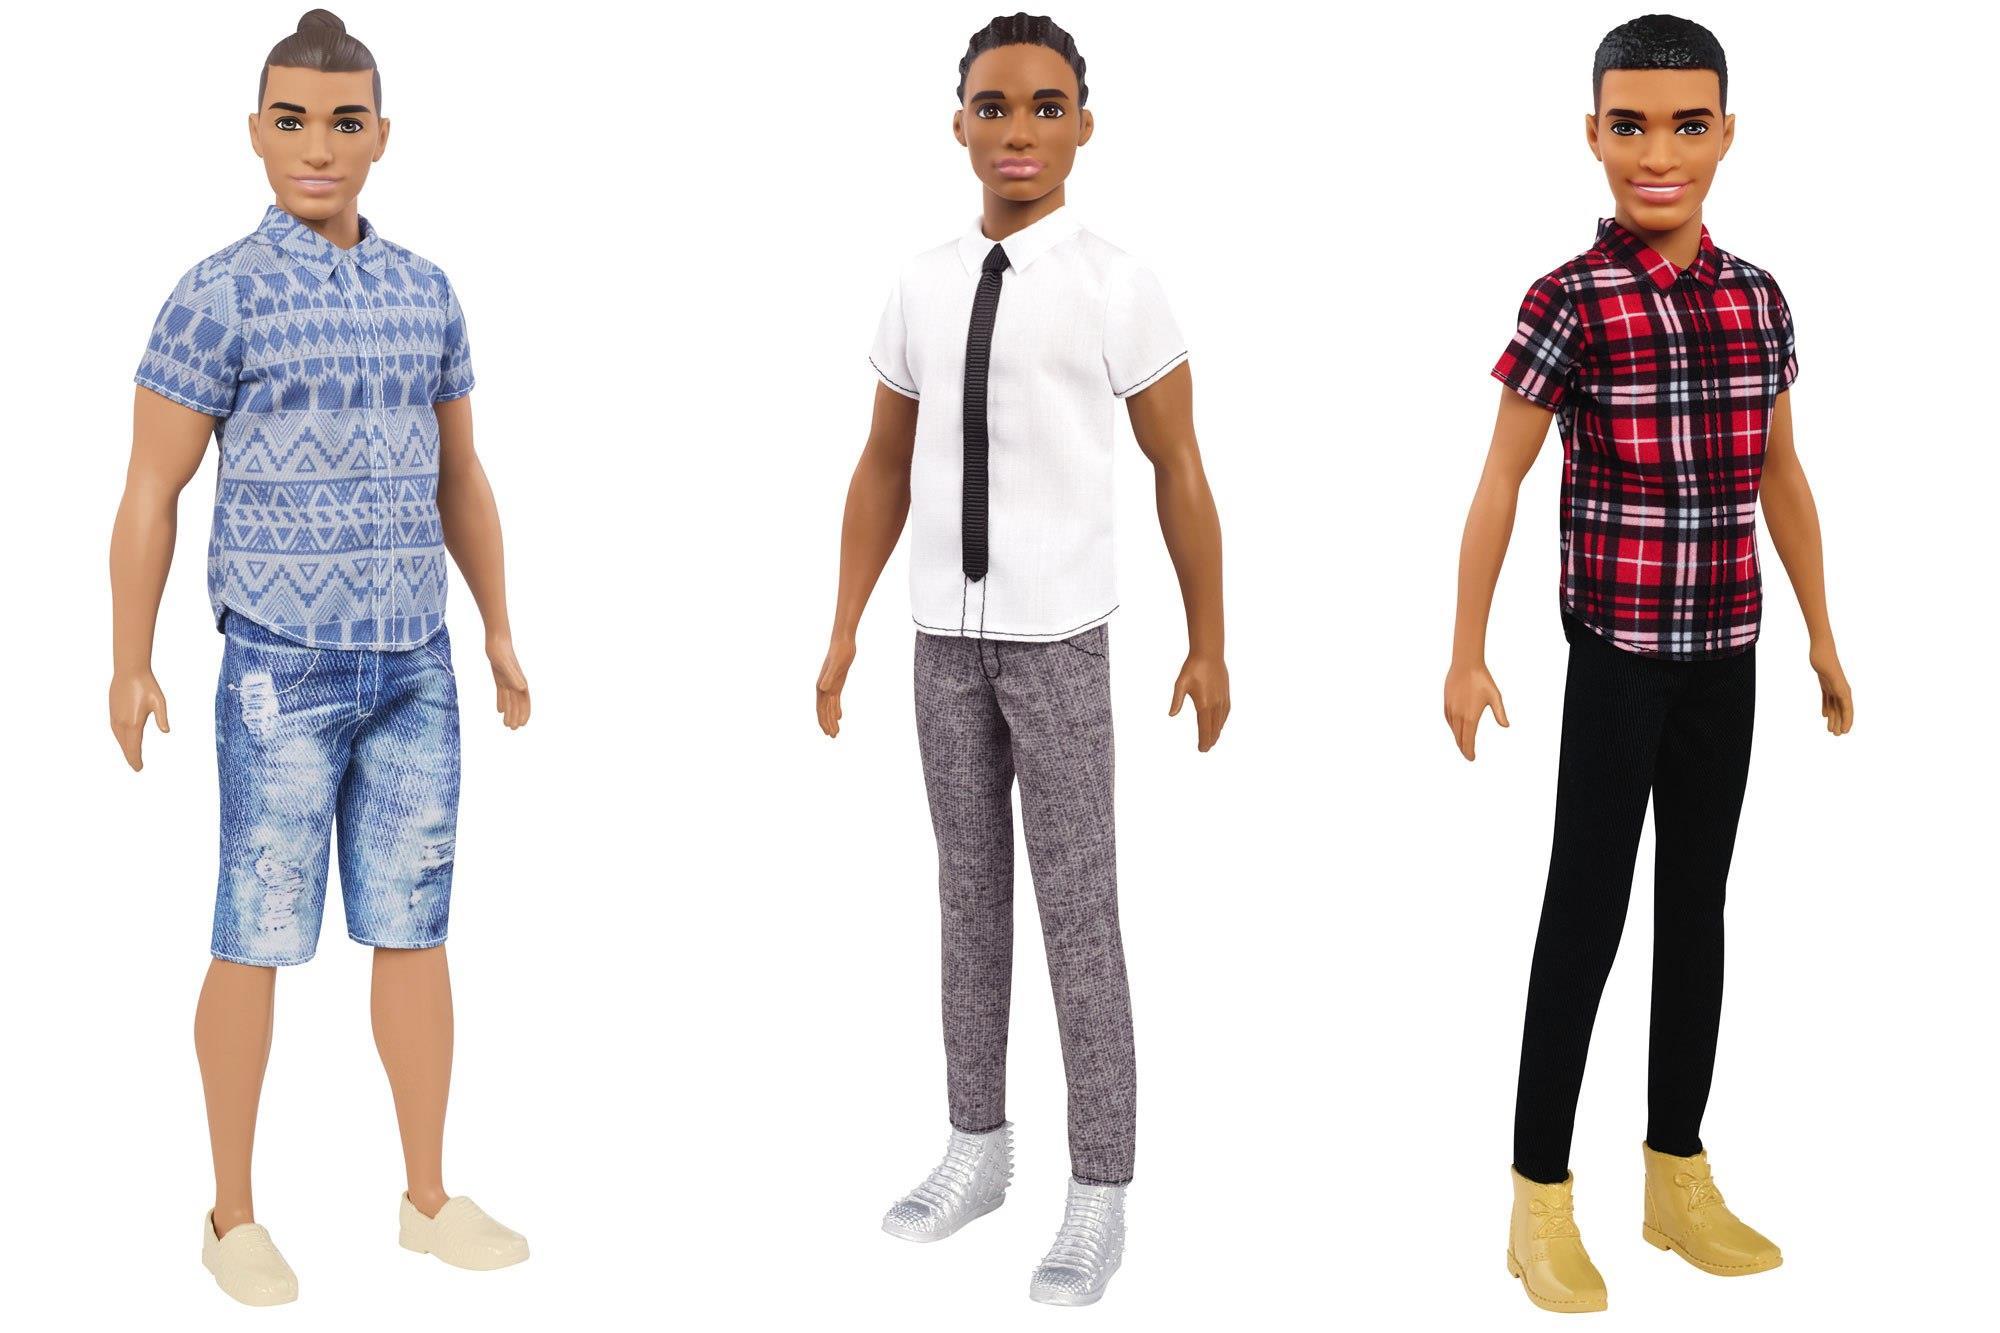 Ken nero nel nuovo design della Mattel